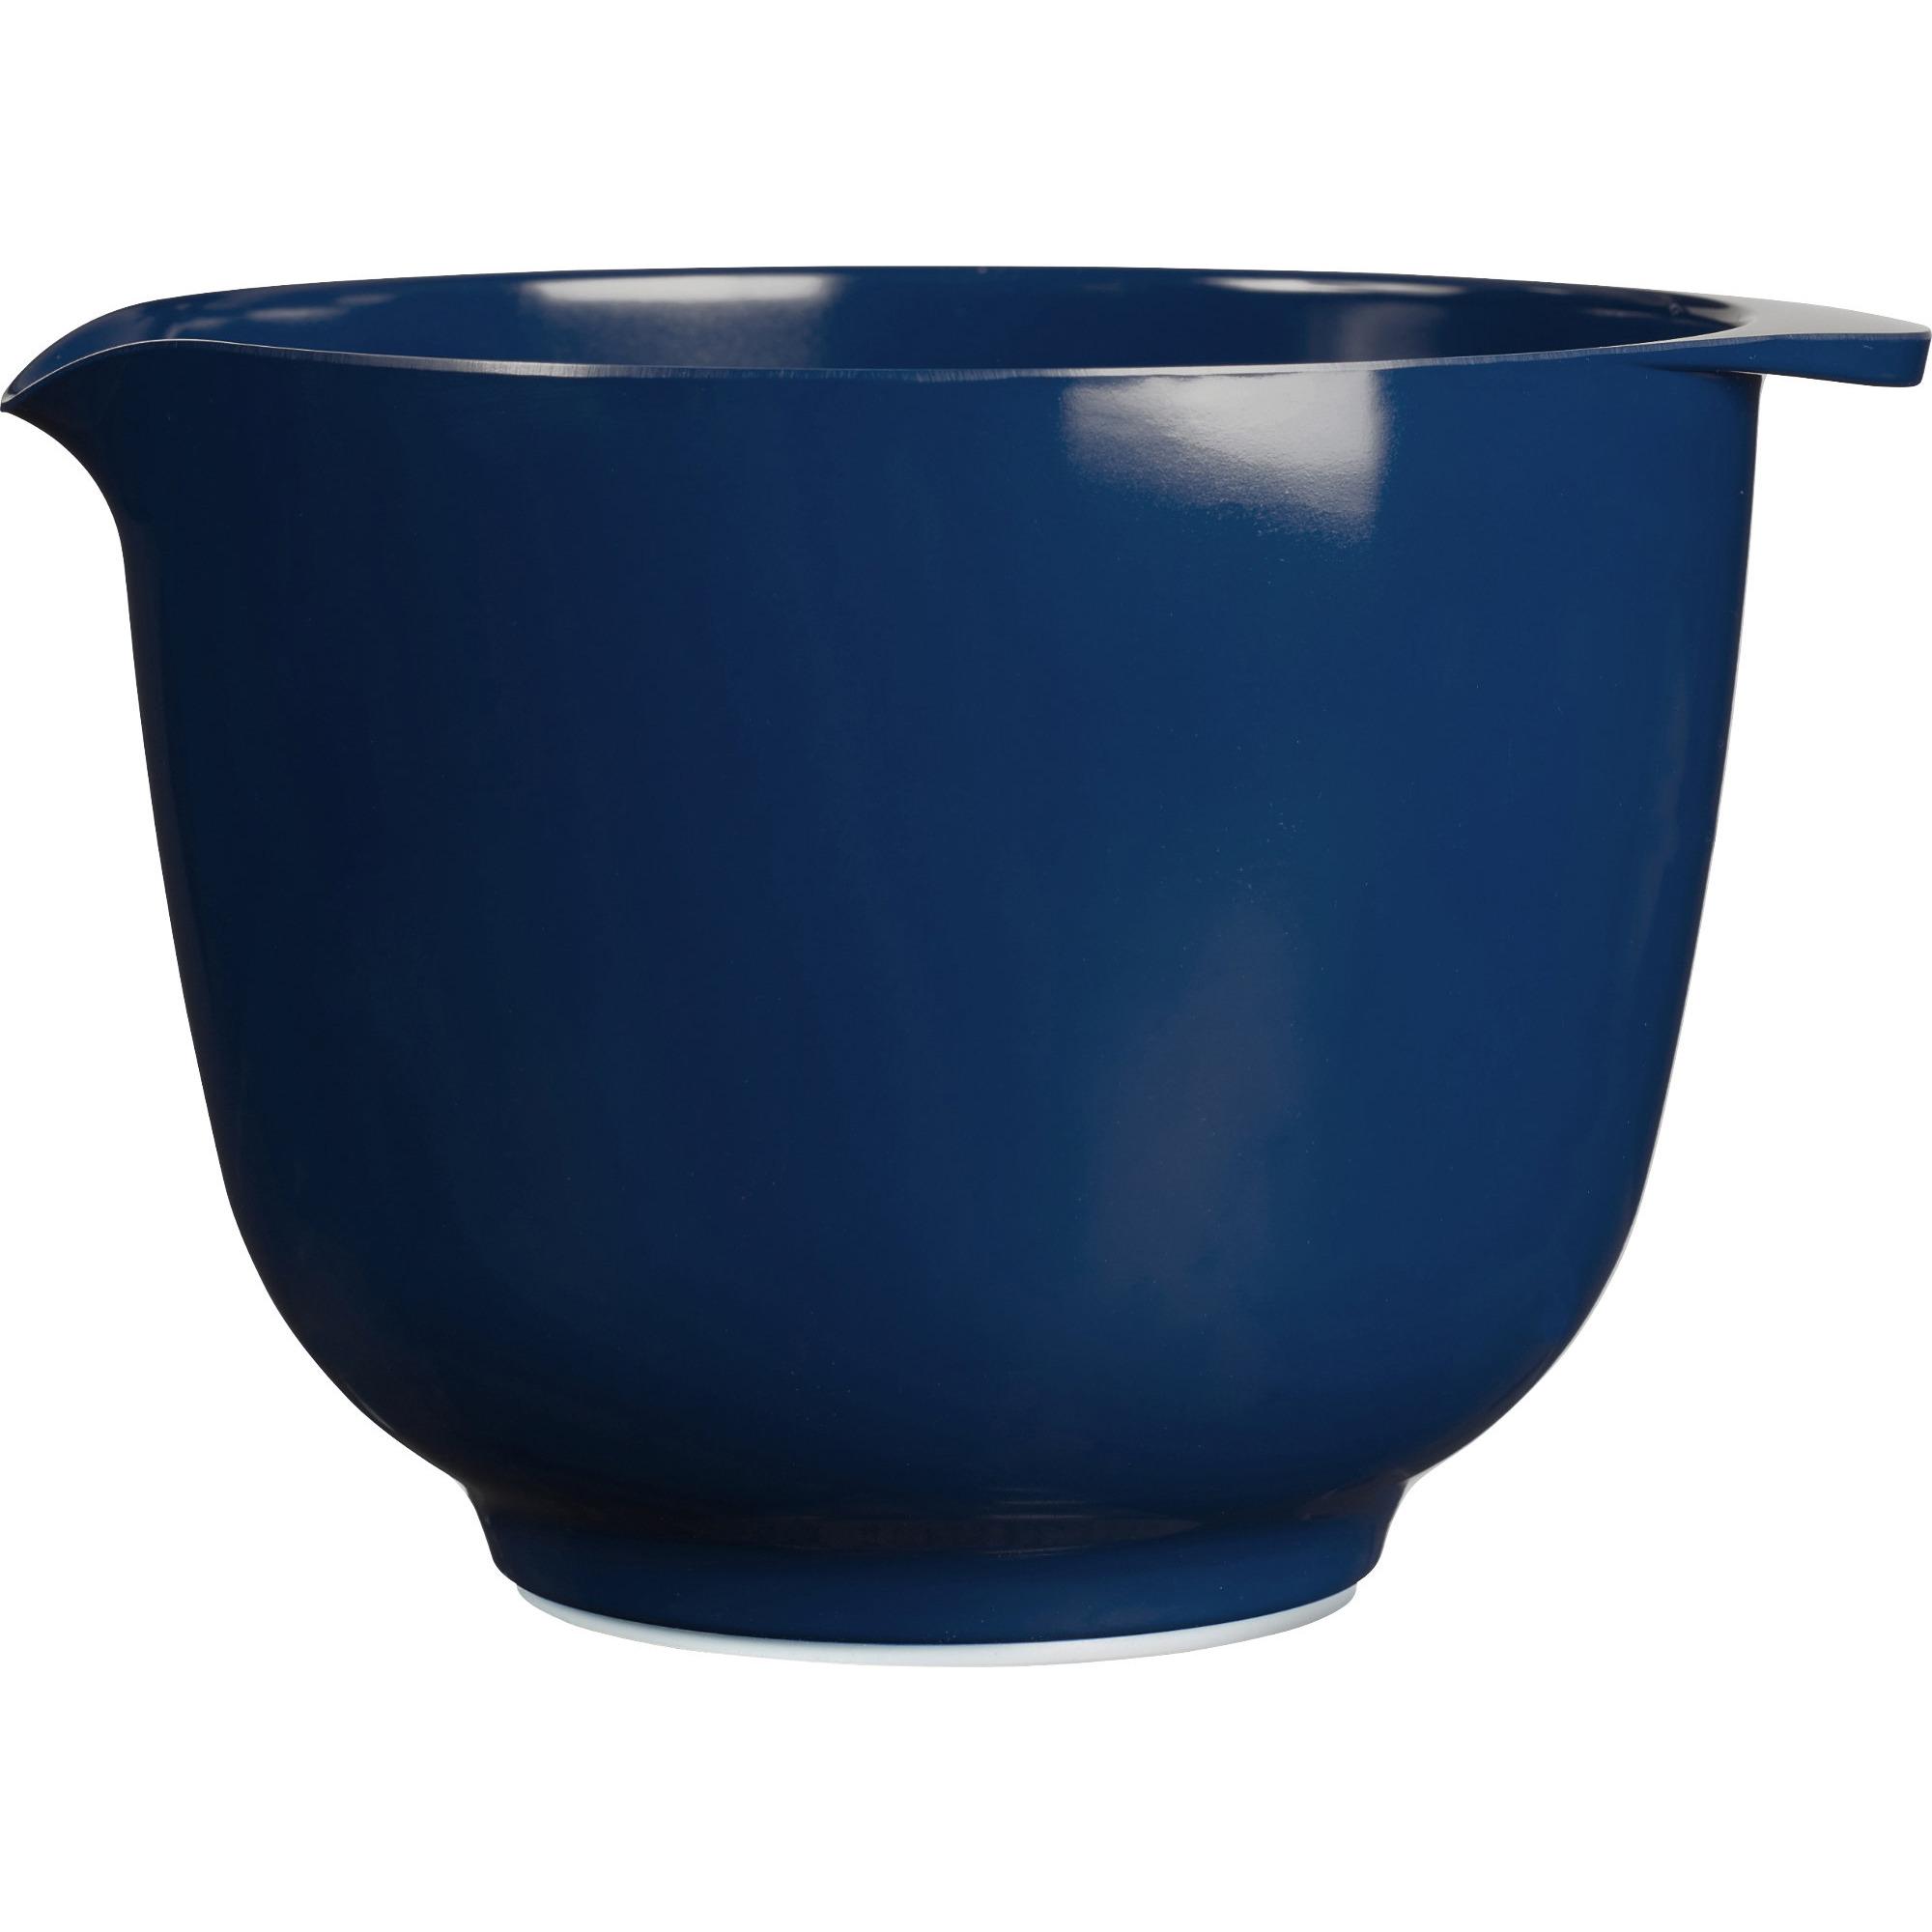 Rosti Mepal Margrethe Skål 15 L Indigo Blue